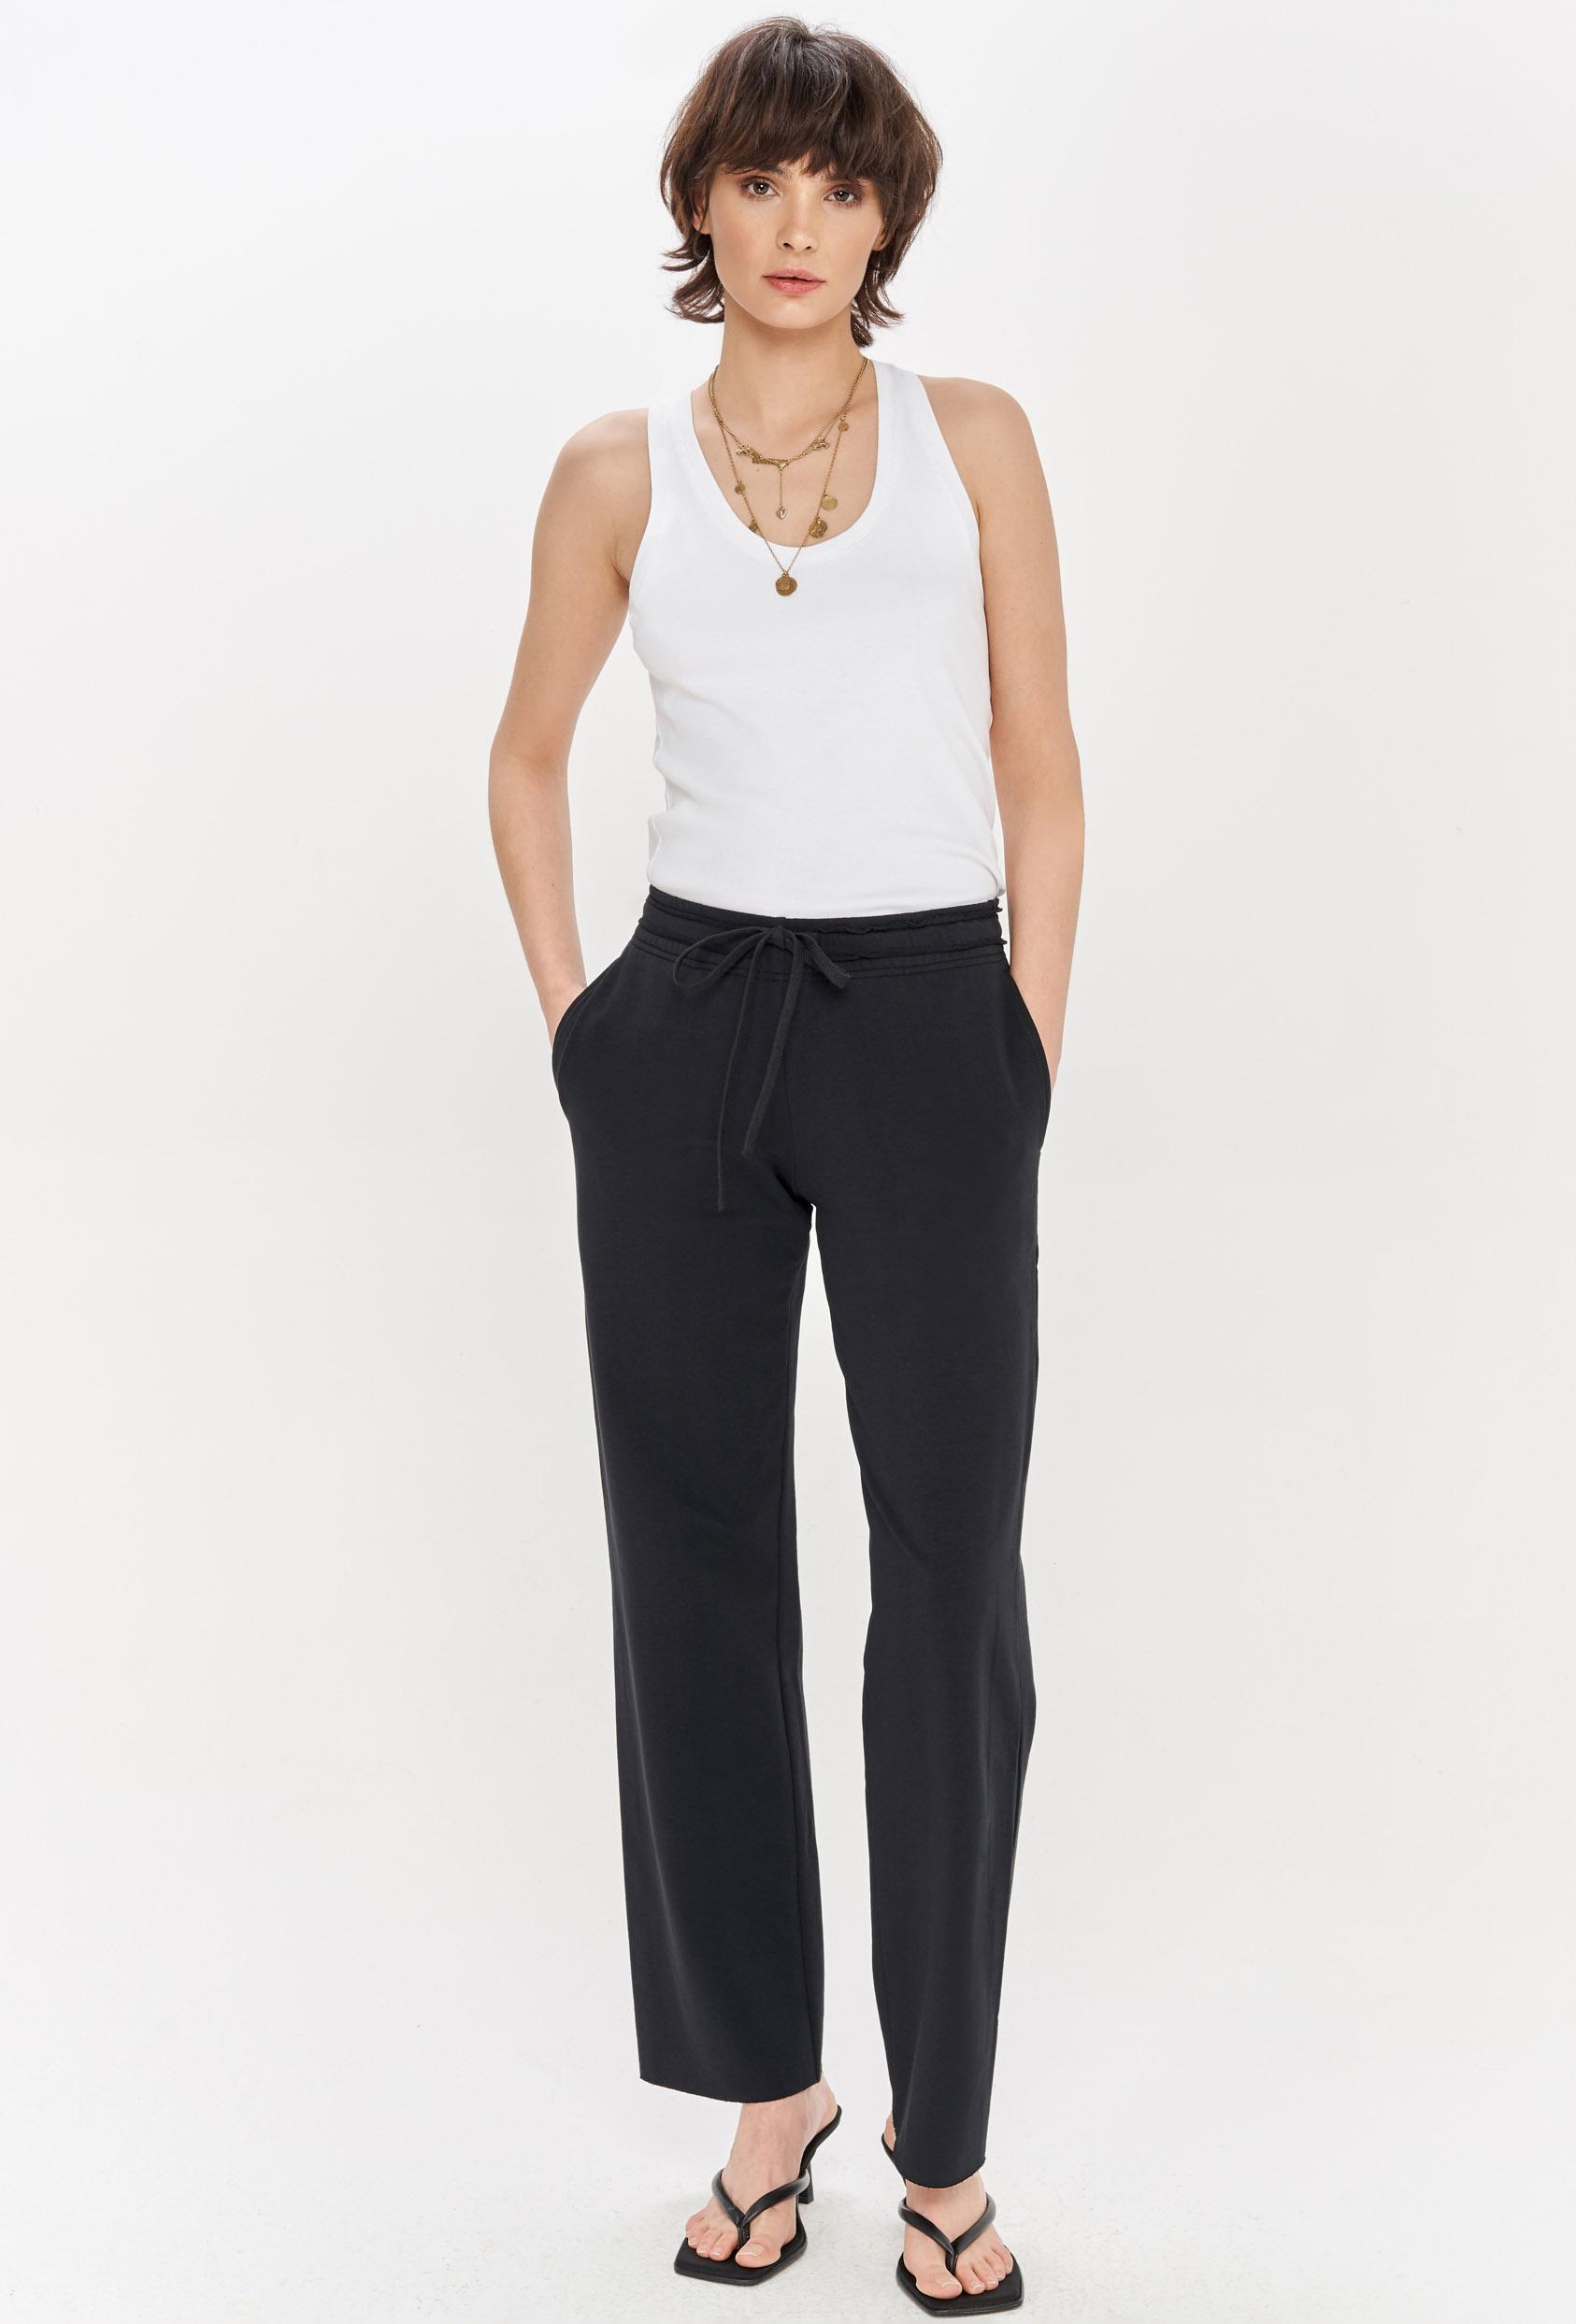 Spodnie bawełniane LUCCA PANTS czarne